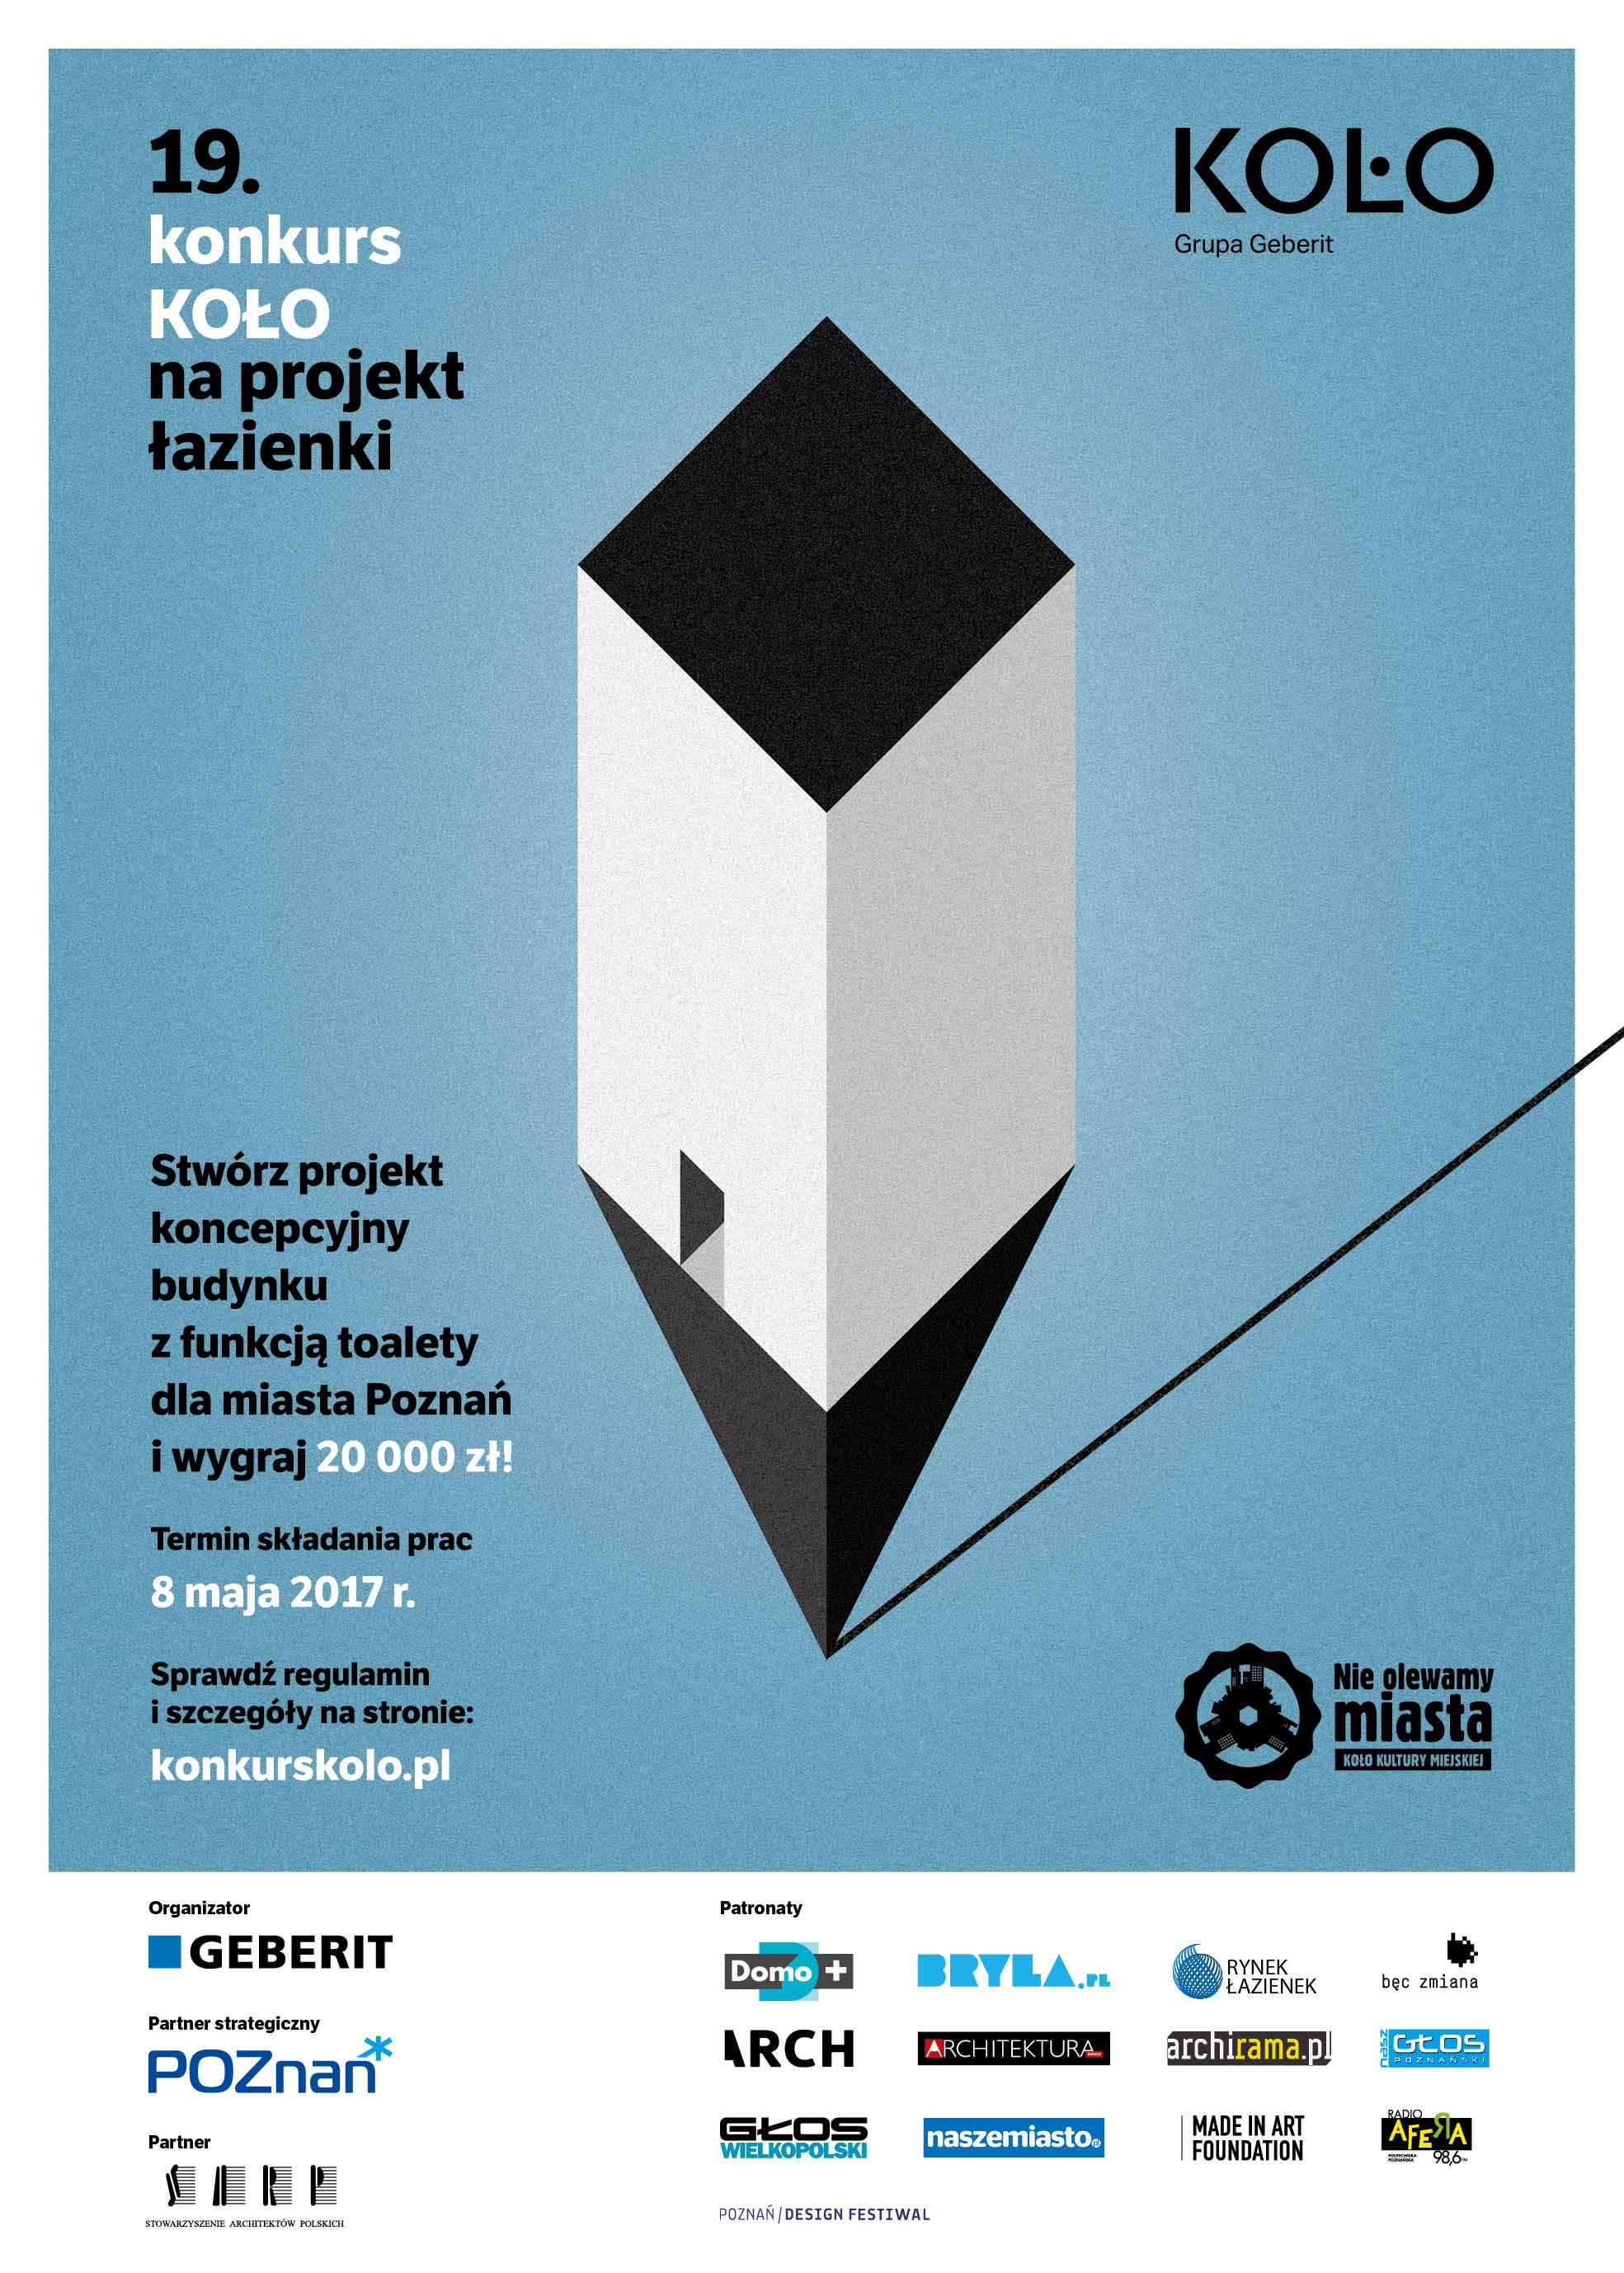 plakat na konkurs z logami organizatorów i partnerów